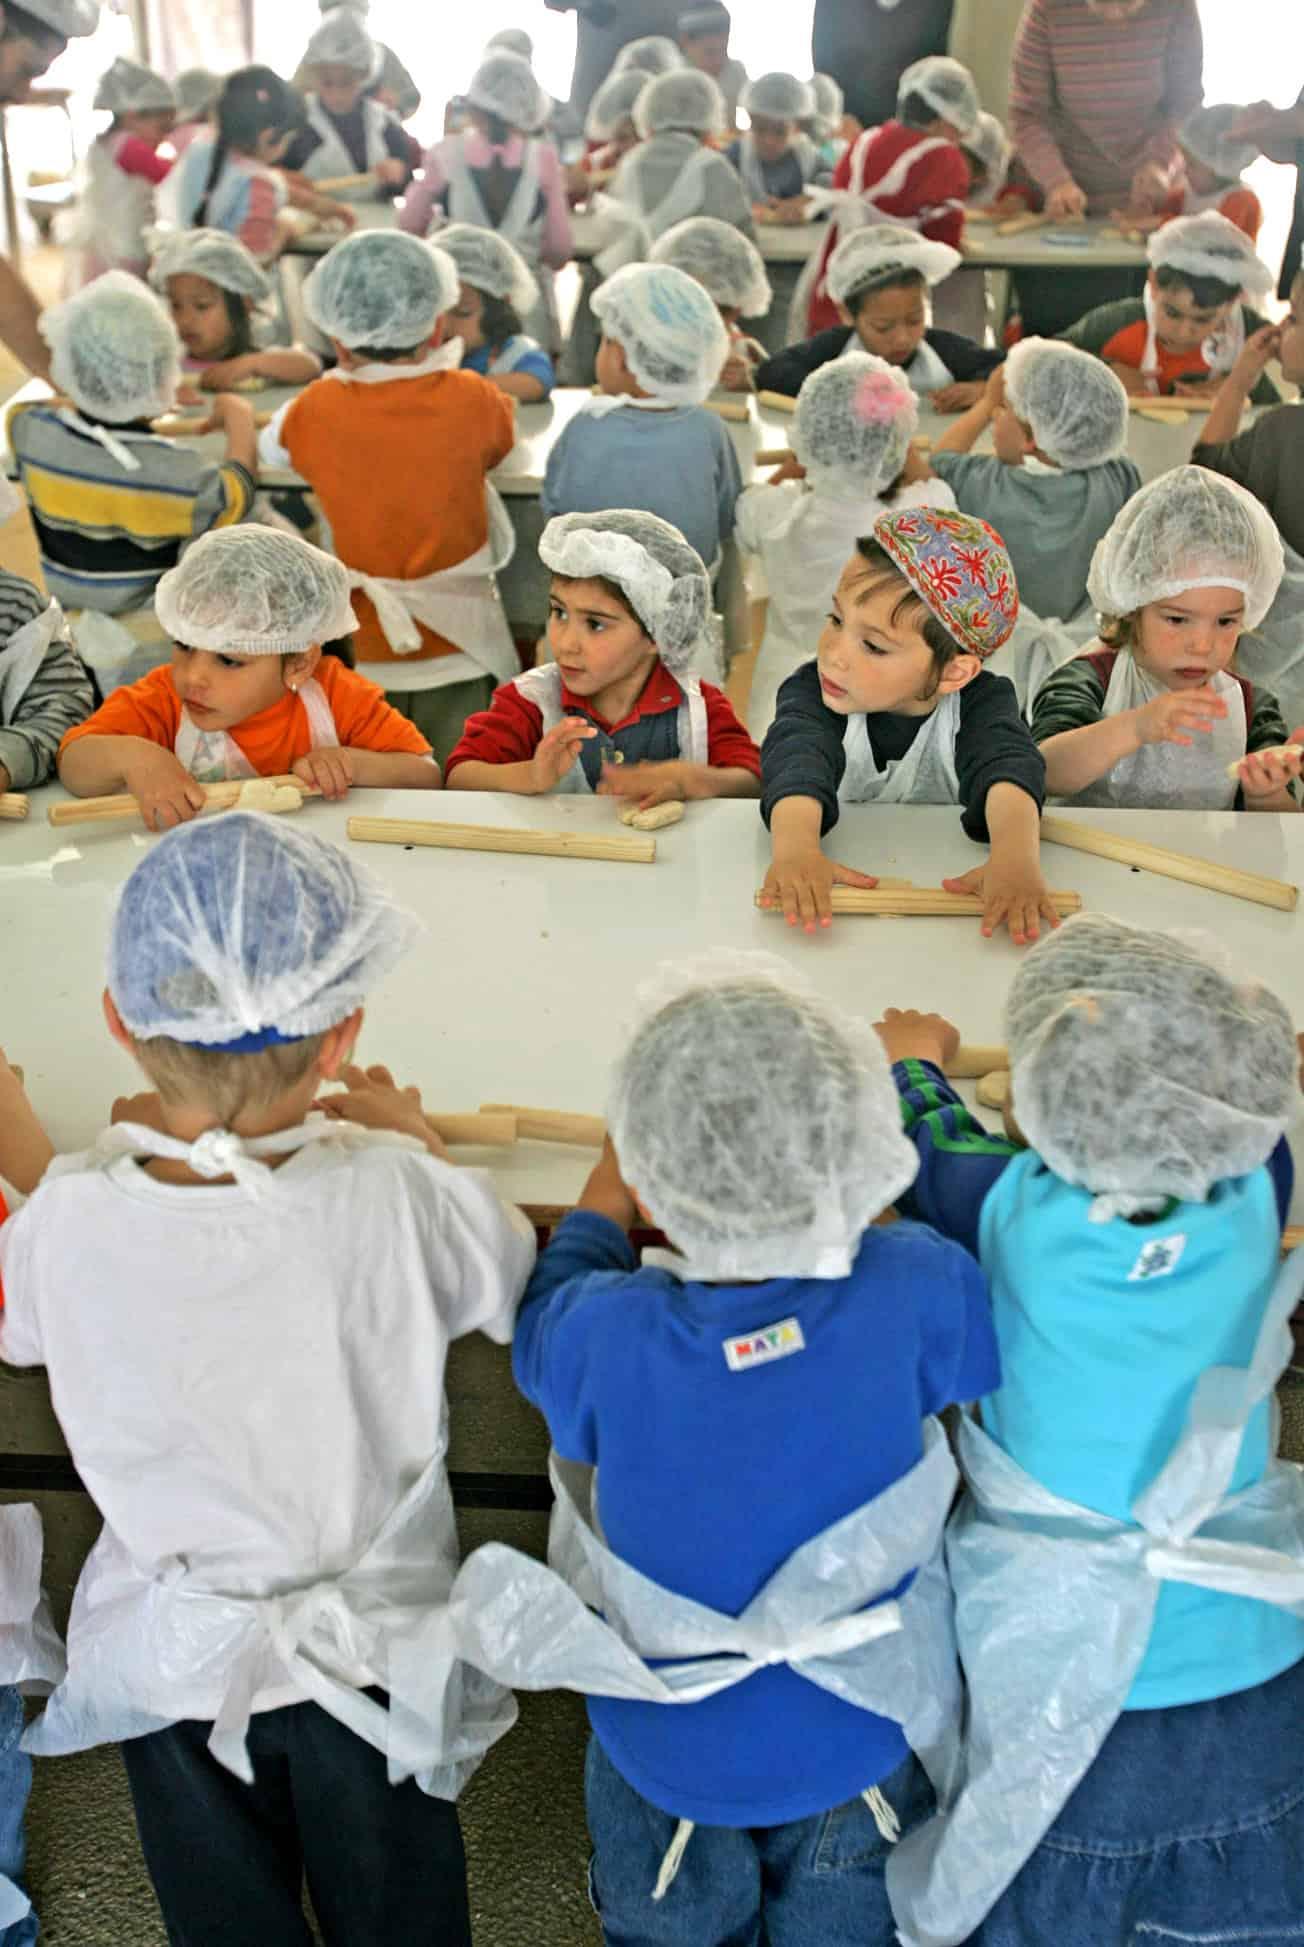 ילדי ההתנחלות נווה דקלים בגוף קטיף מכינים מצות לפסח, ארכיון, 2005 (צילום: AP Photo/Baz Ratner)